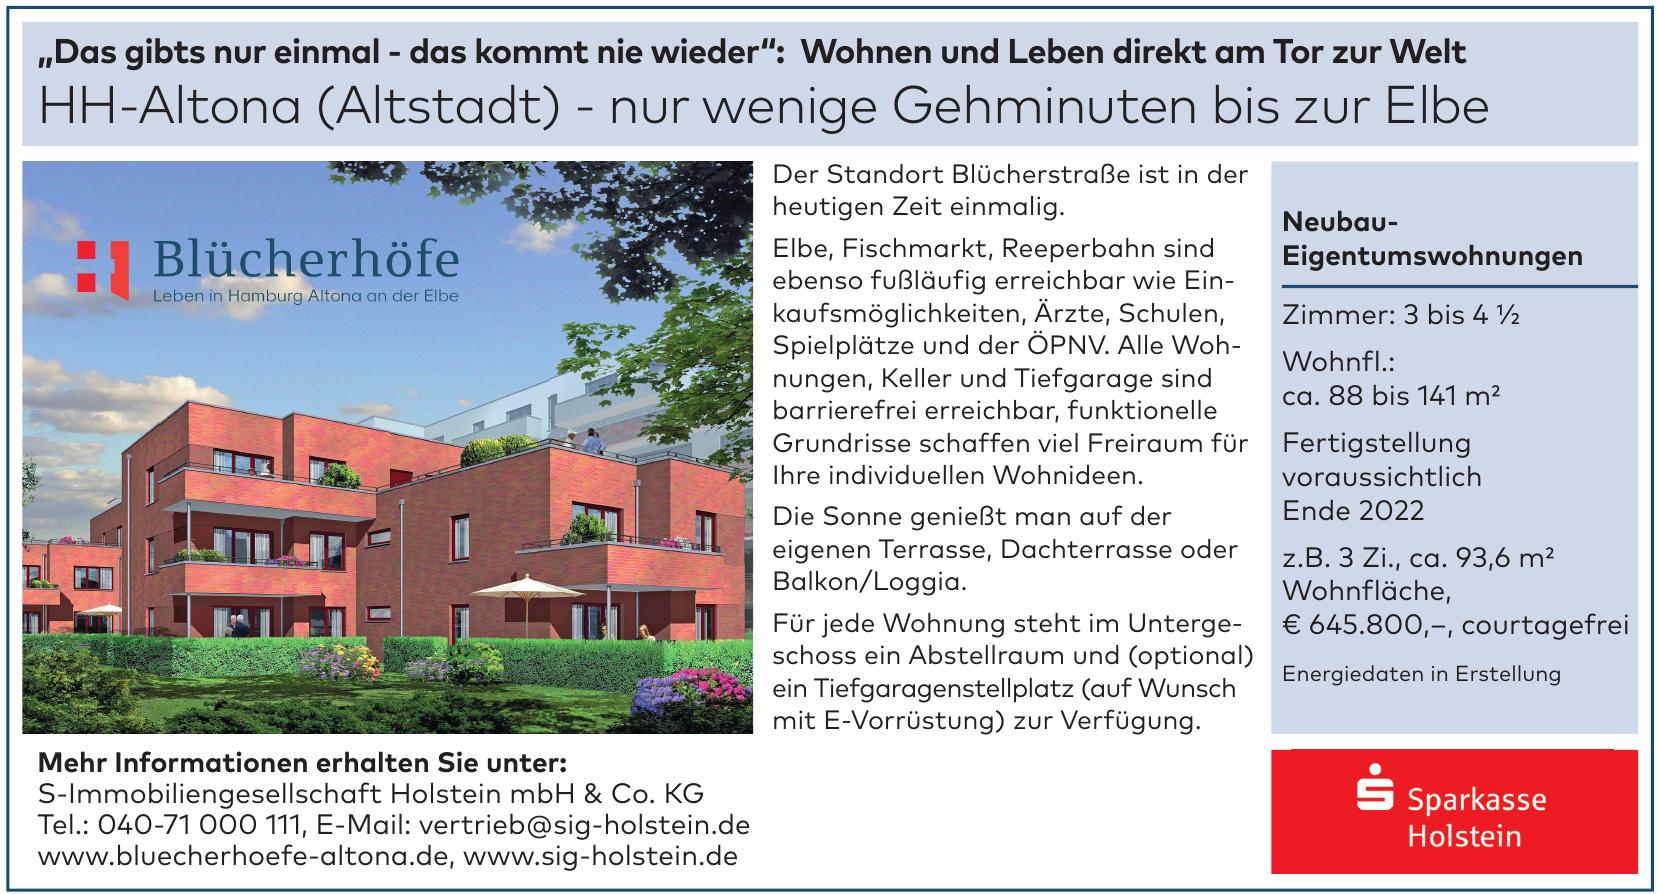 S-Immobiliengesellschaft Holstein mbH & Co. KG